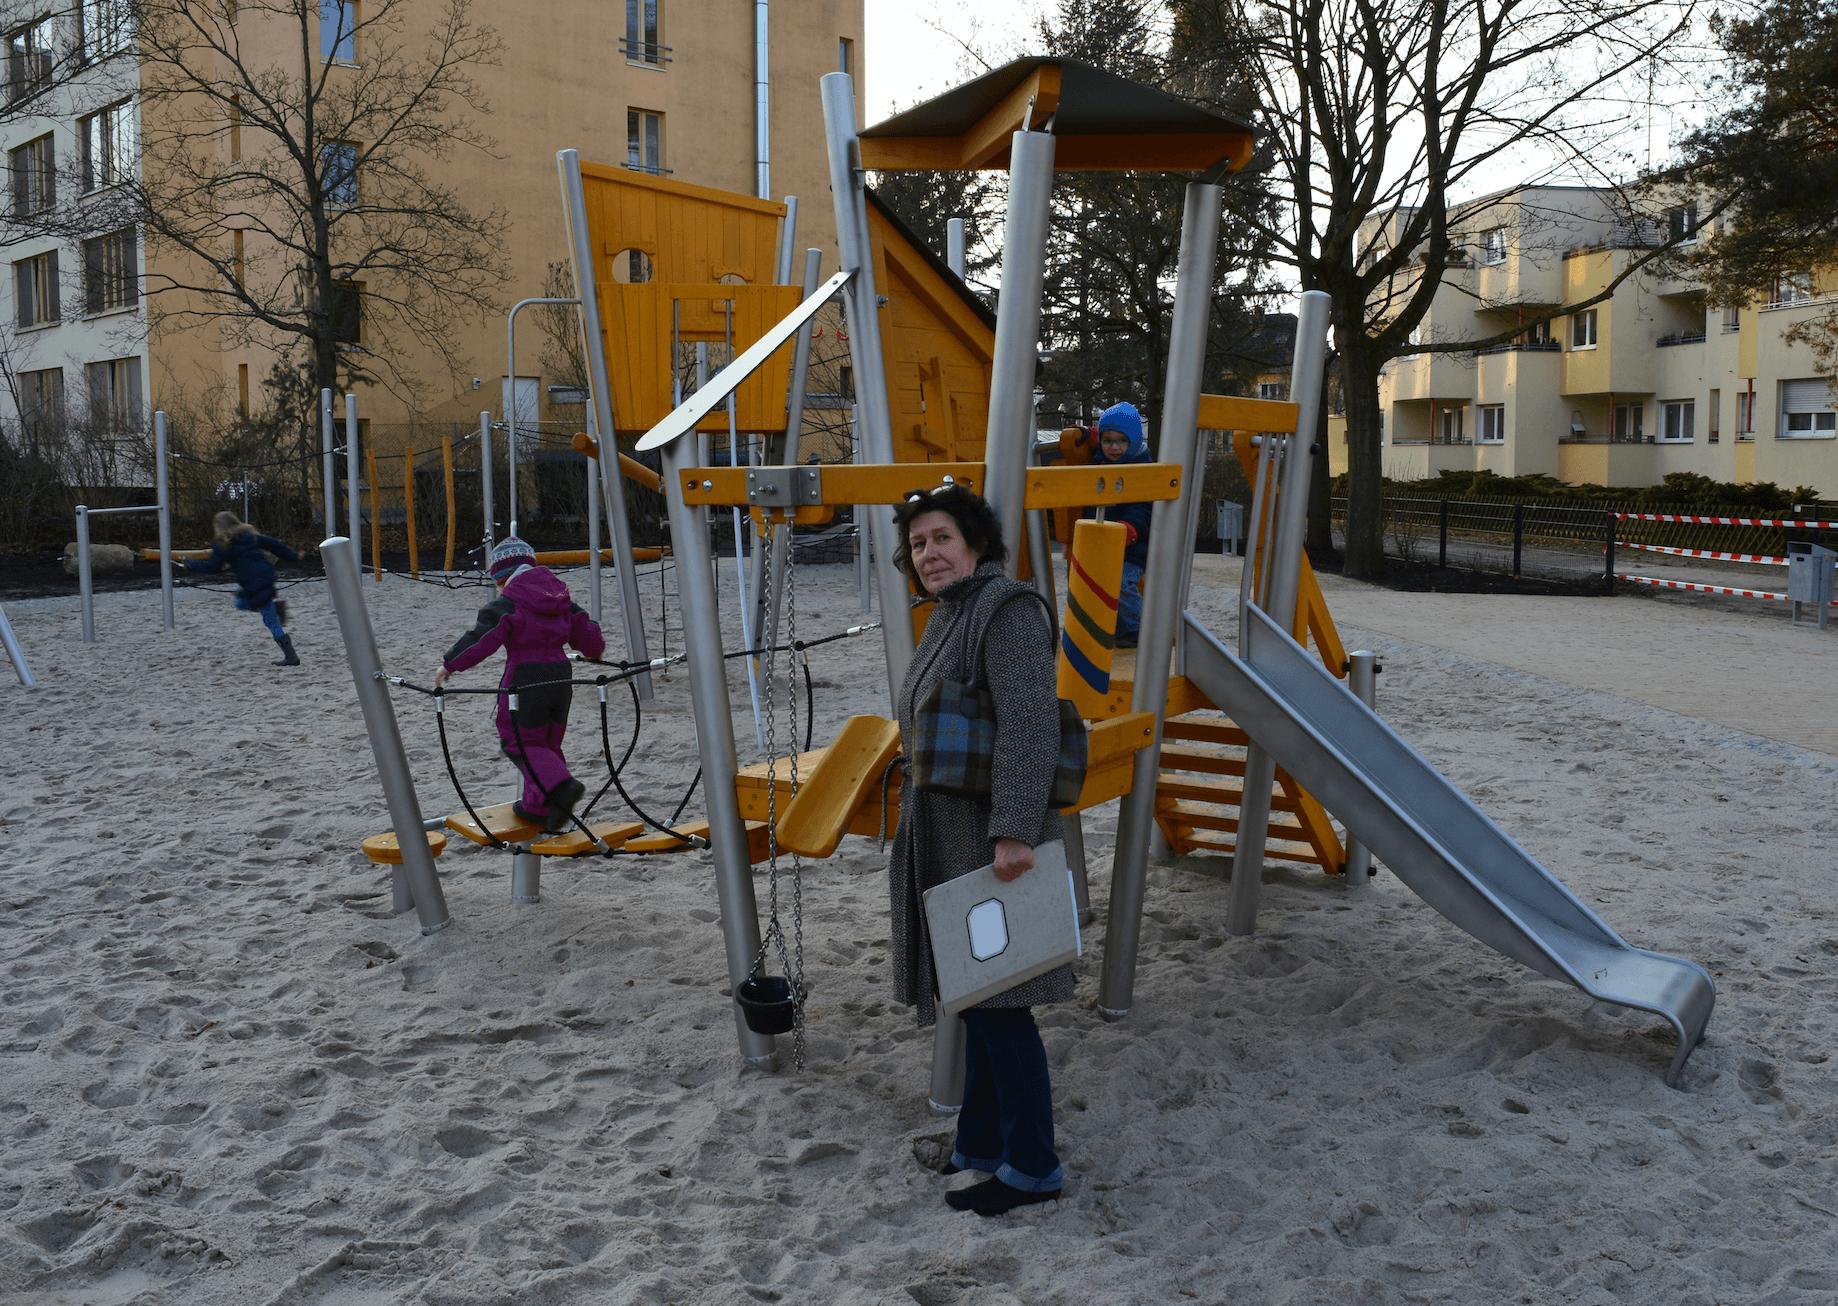 Spielplatz in Zehlendorf wiedereröffnet